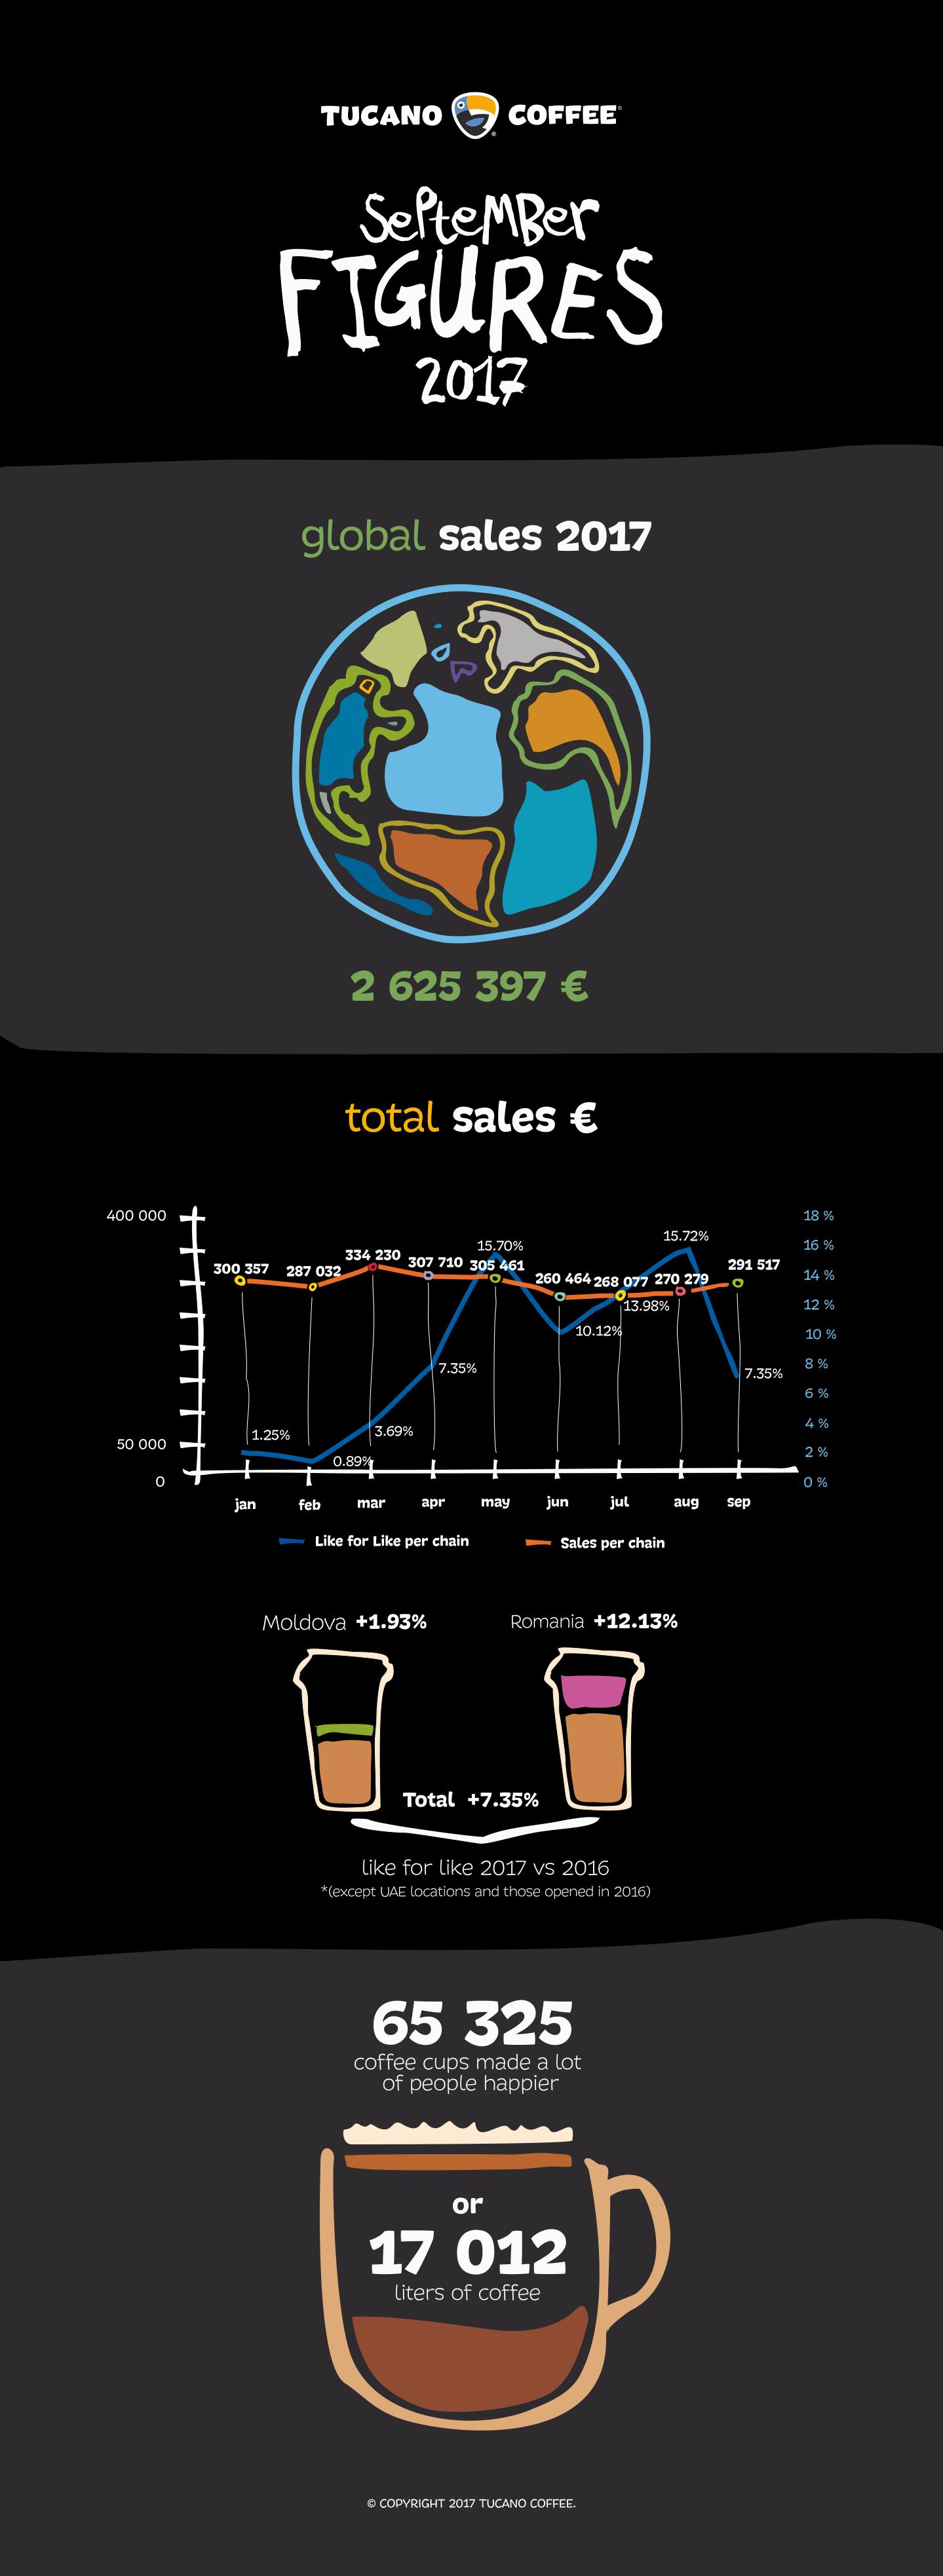 infographic tucano coffee september